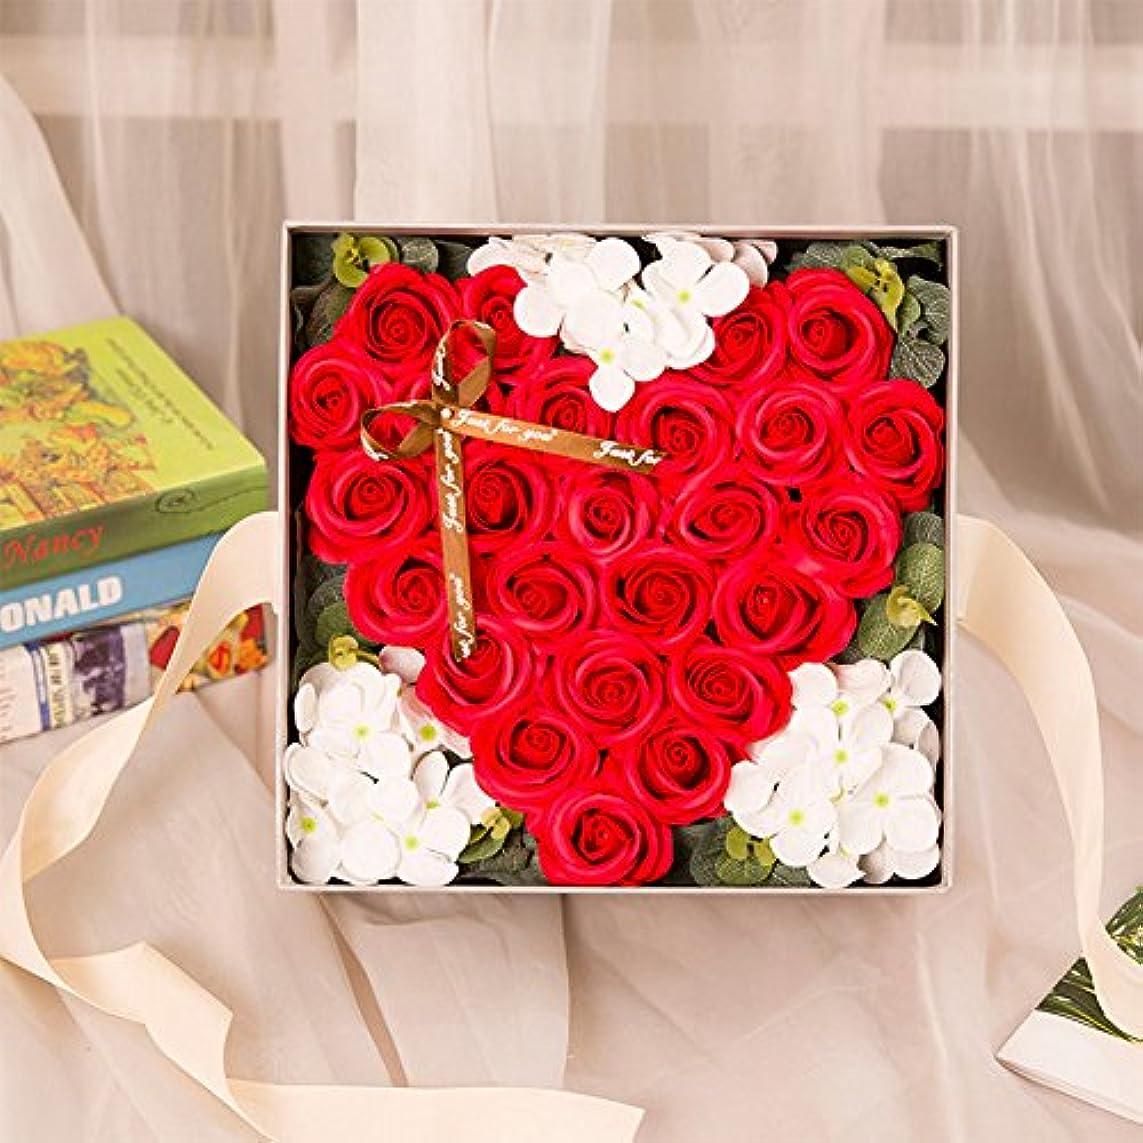 肉腫視聴者四半期RaiFu クリエイティブ シミュレーションローズ手作り石鹸 ギフトボックスホームデコレーション ユニークなギフト 赤い桃の心